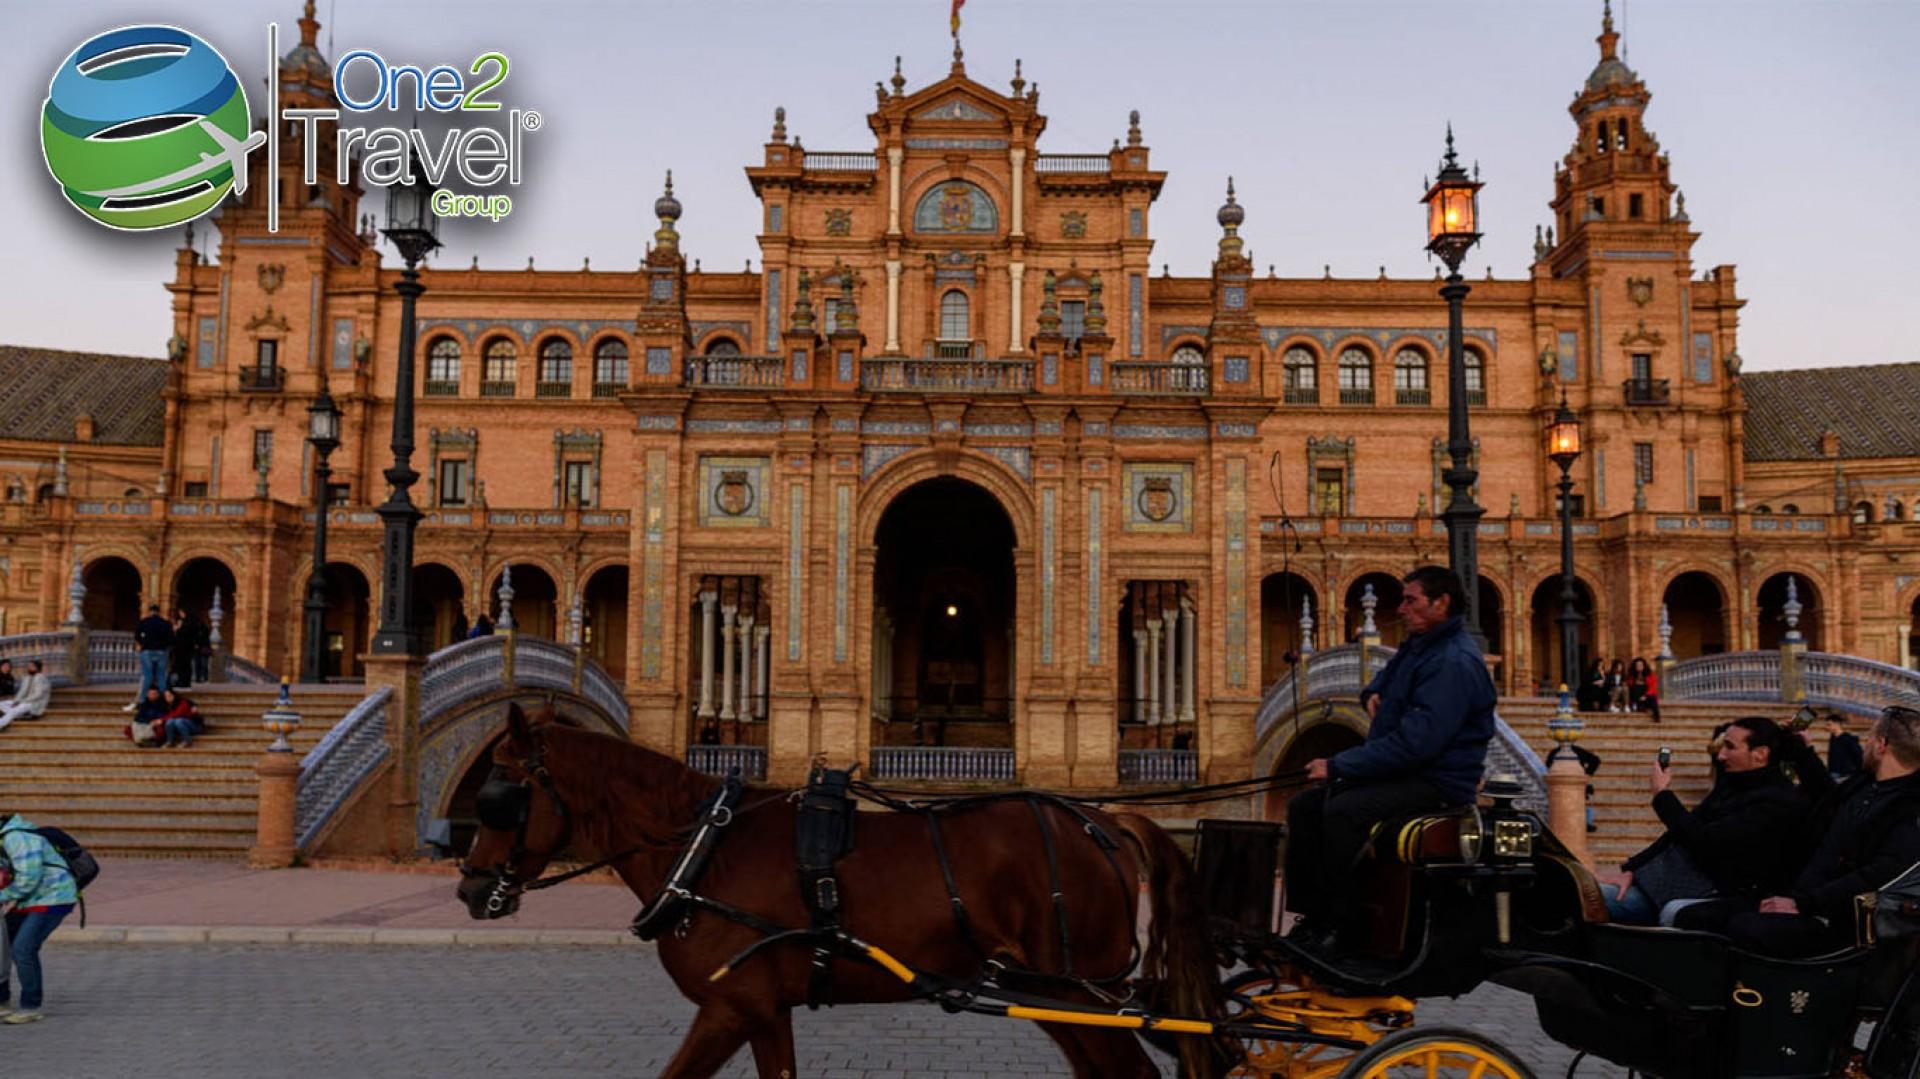 Seminario Web | One2Travel | Andalucía y Sur de España